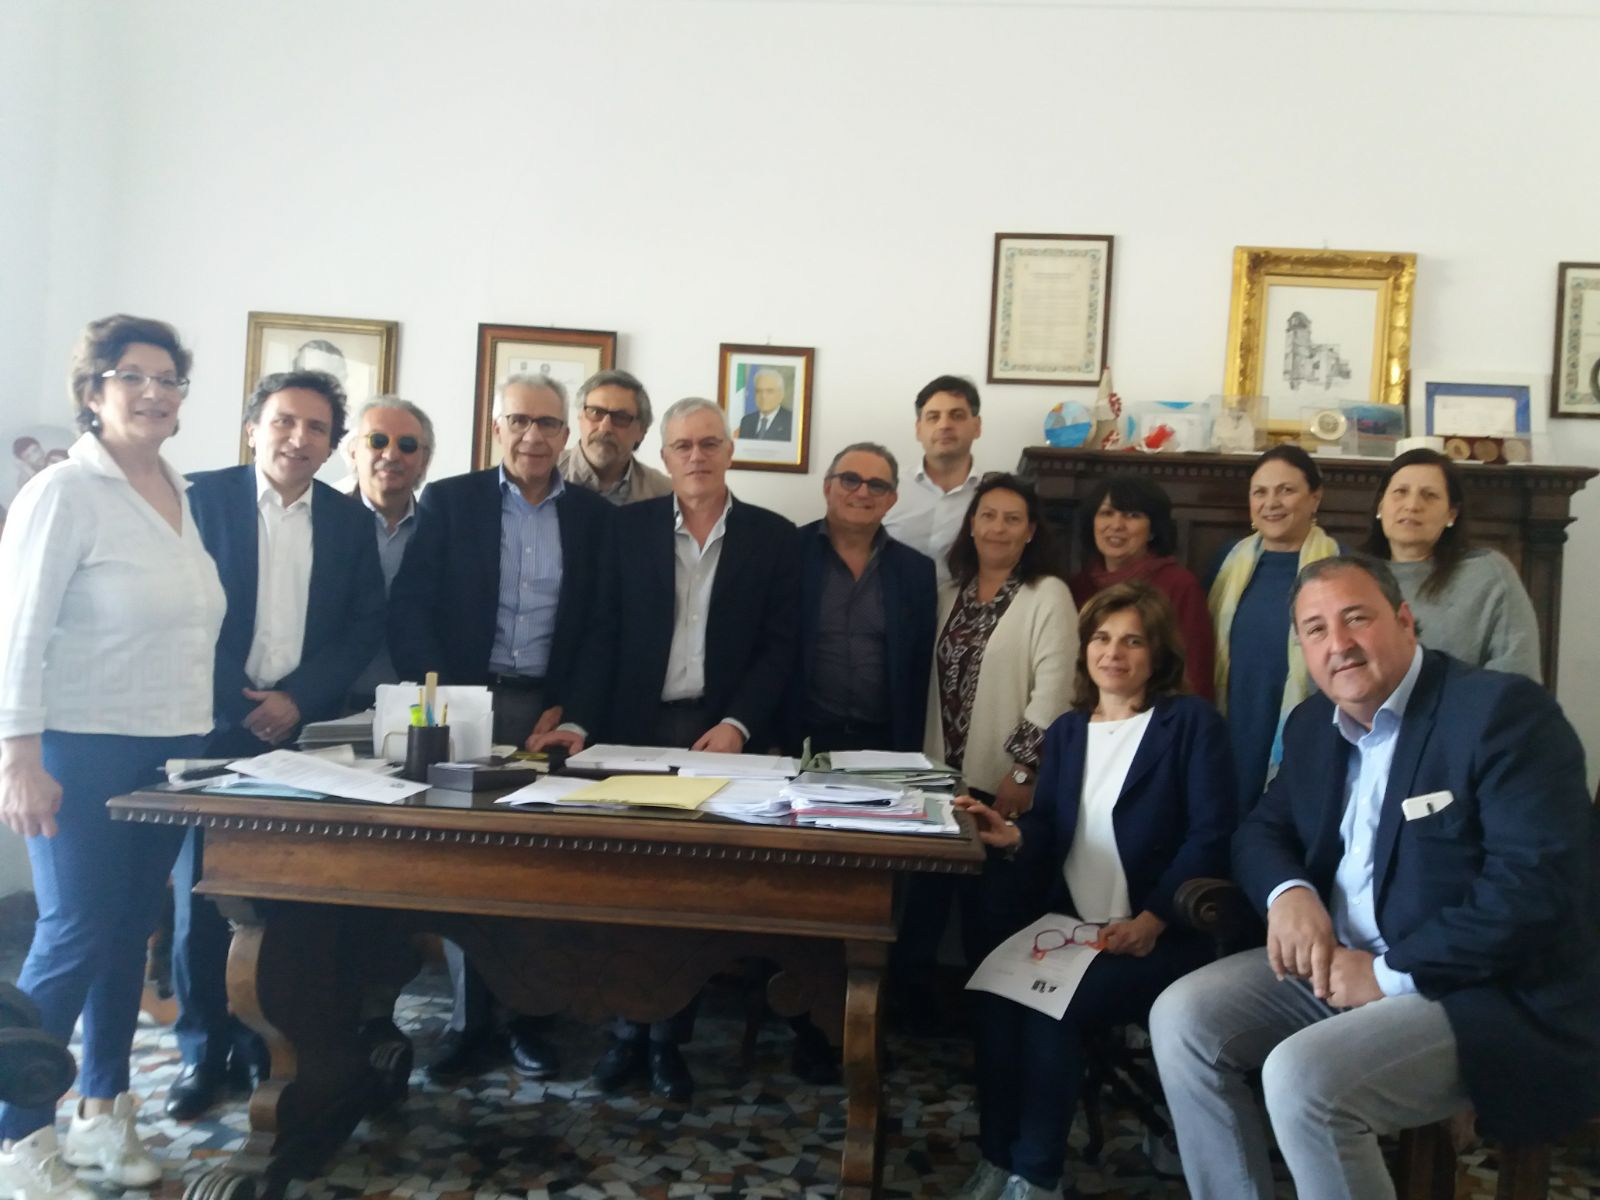 Ospedale di Capri: Il direttore generale Forlenza dell' asl Na1 Centro incontra le amministrazioni comunali